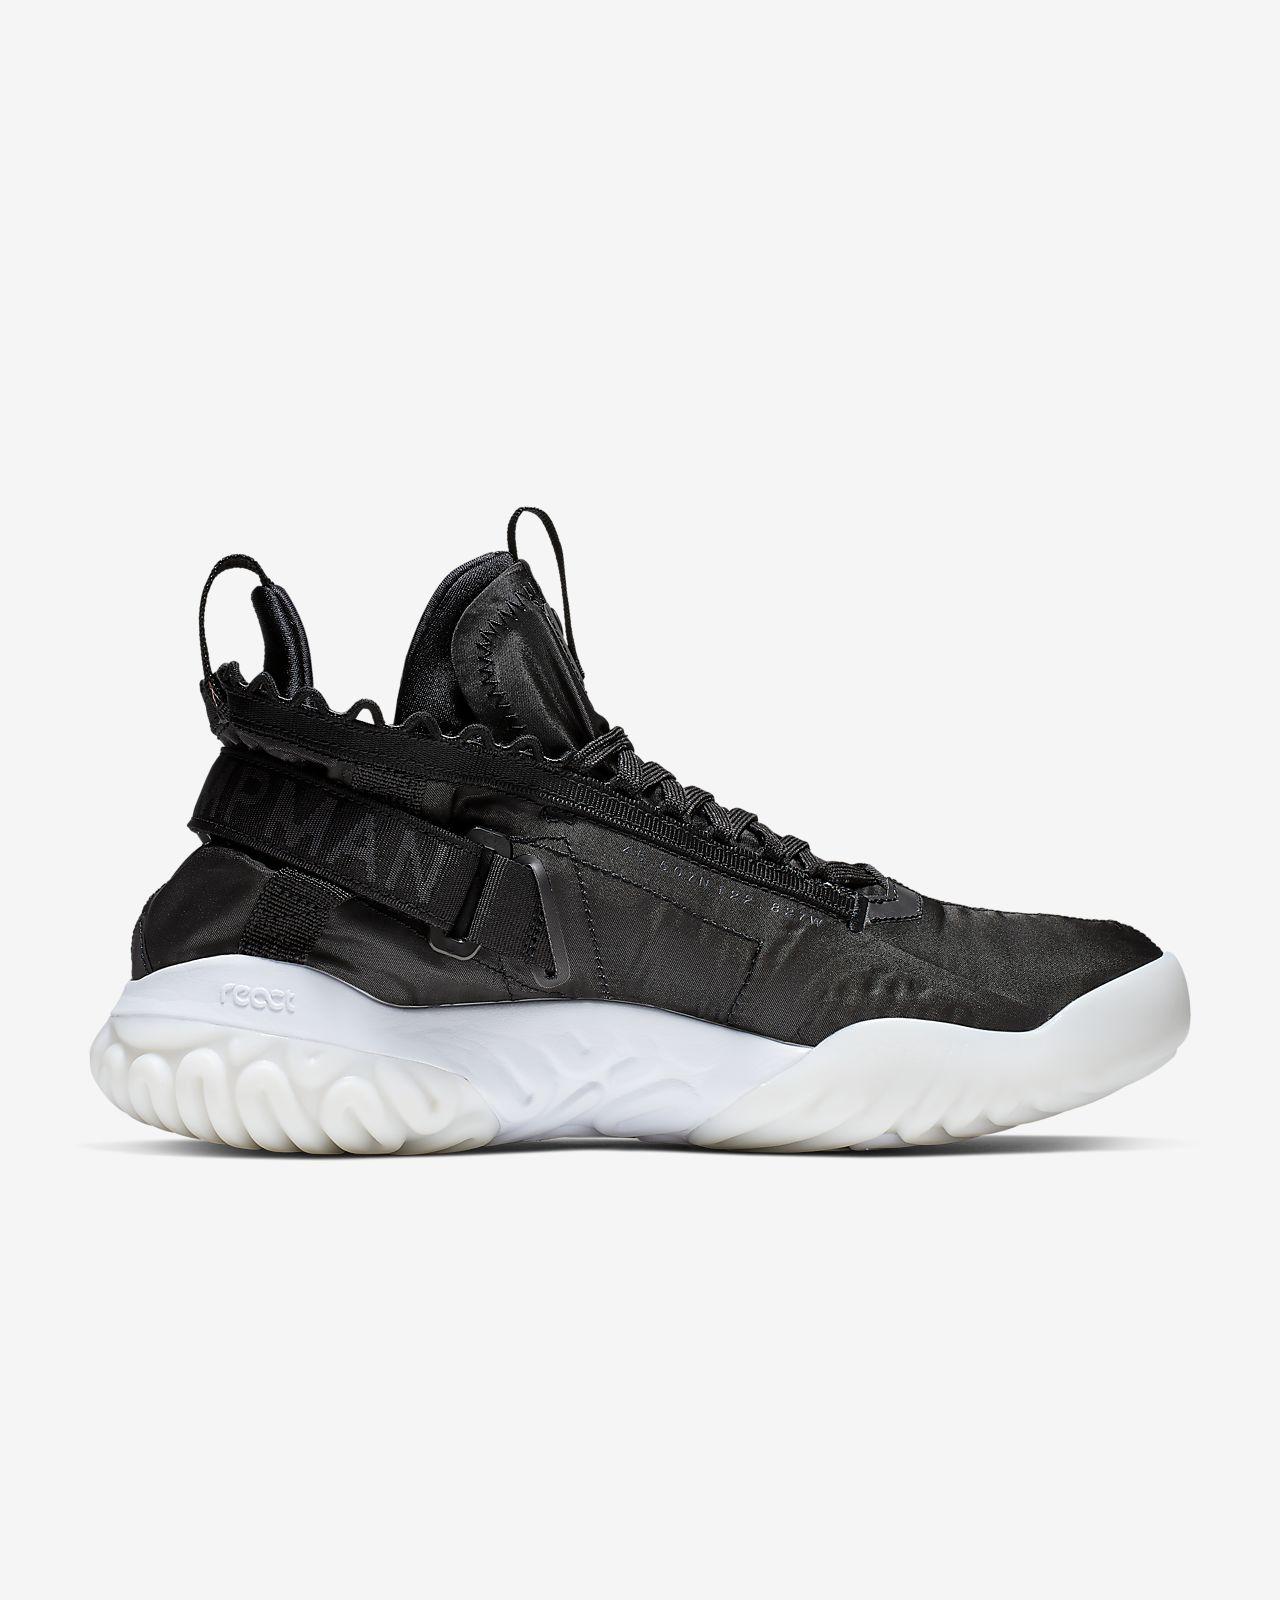 wholesale dealer 2351a 84720 ... Jordan Proto-React Men s Shoe